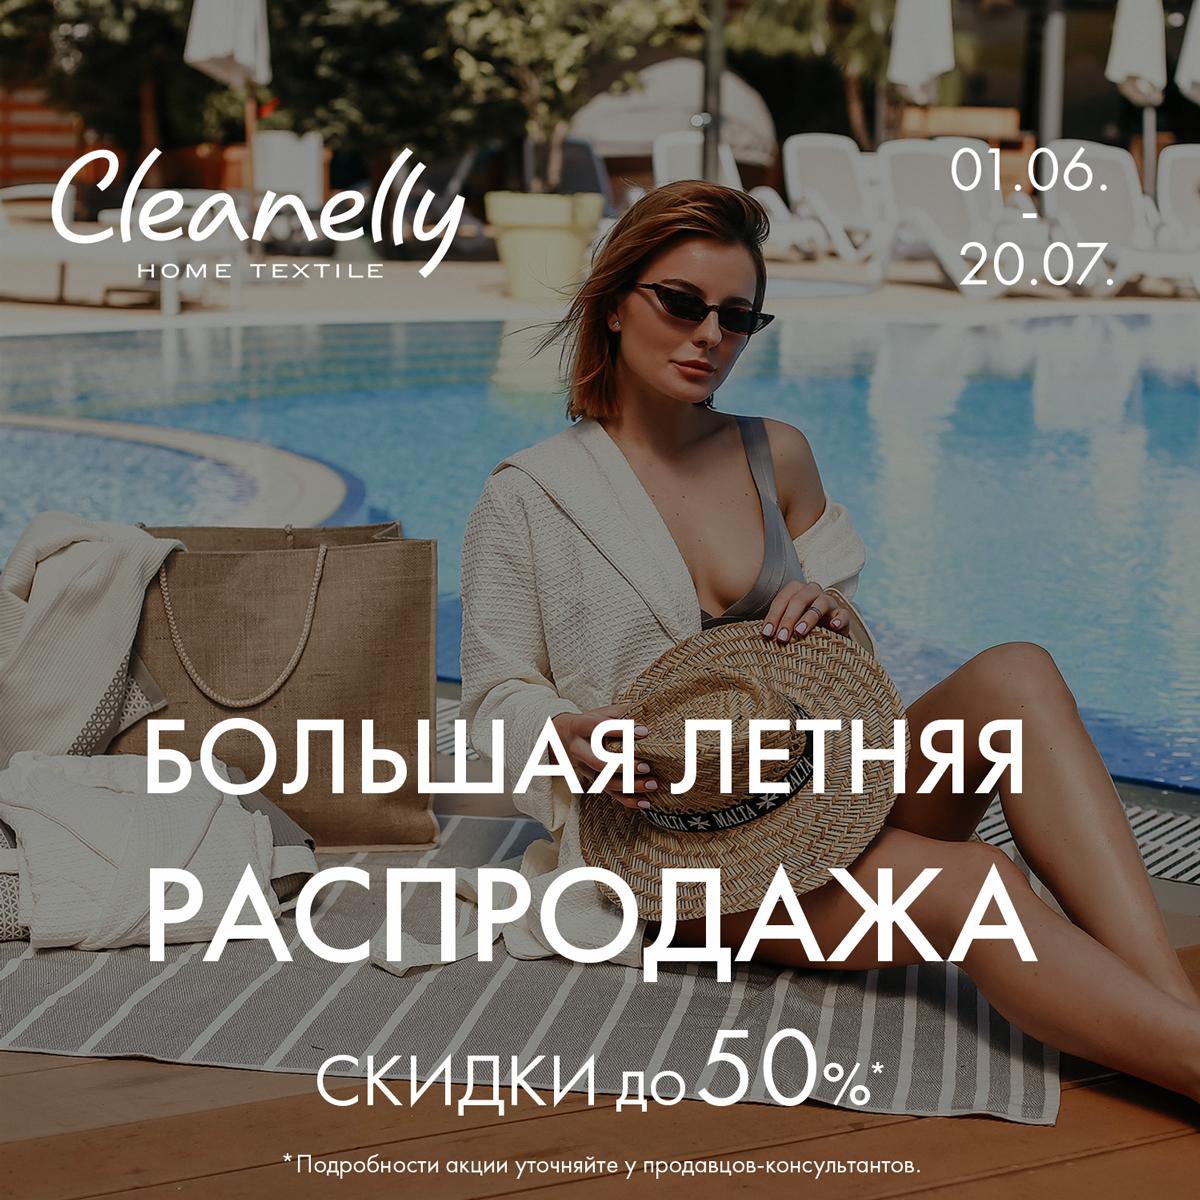 В Cleanelly летняя распродажа!